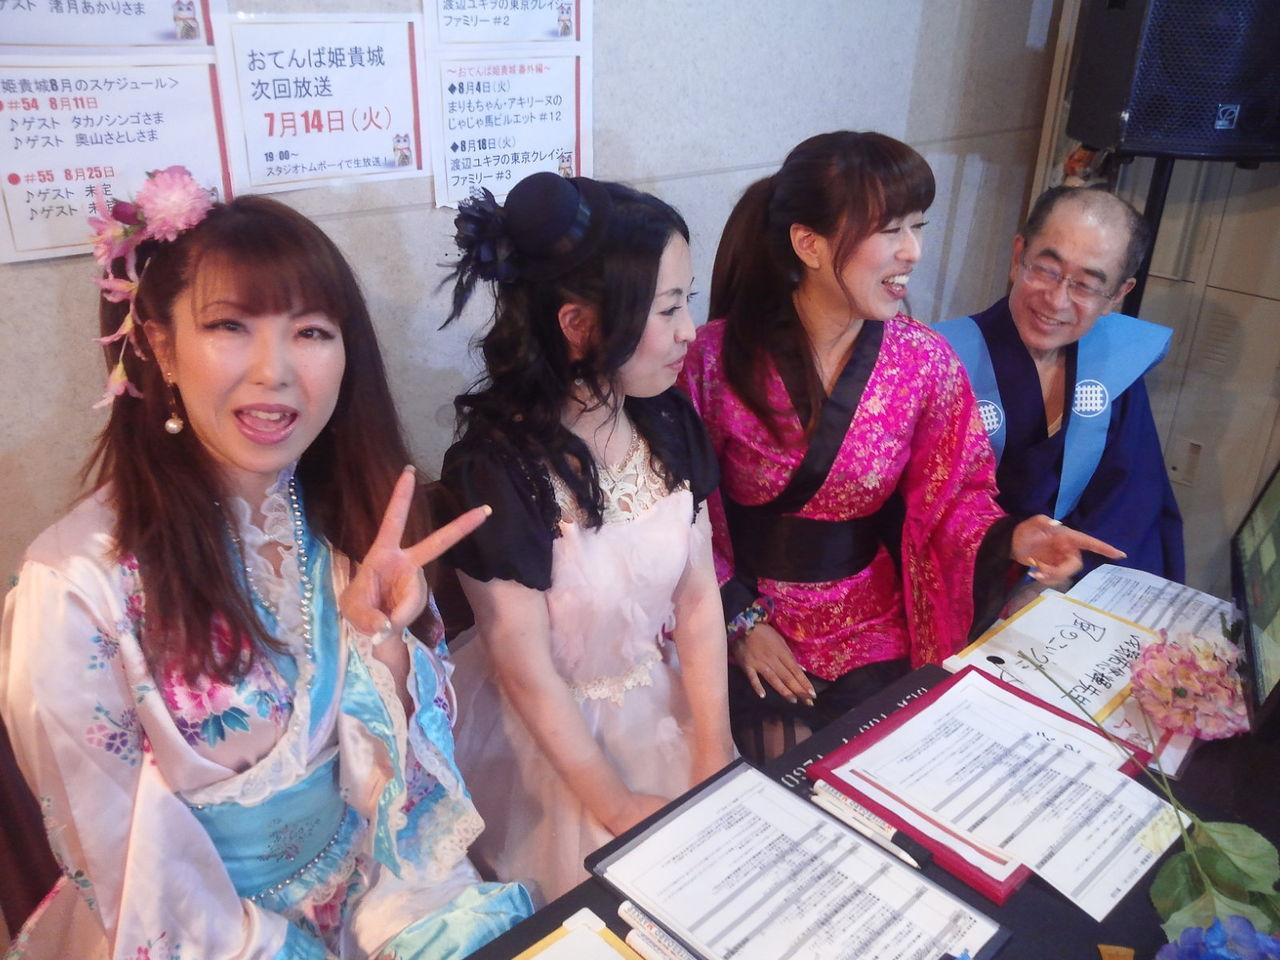 姫貴城でキュン死 : 龍雛札記~千葉山貴公・たけのこブログ~